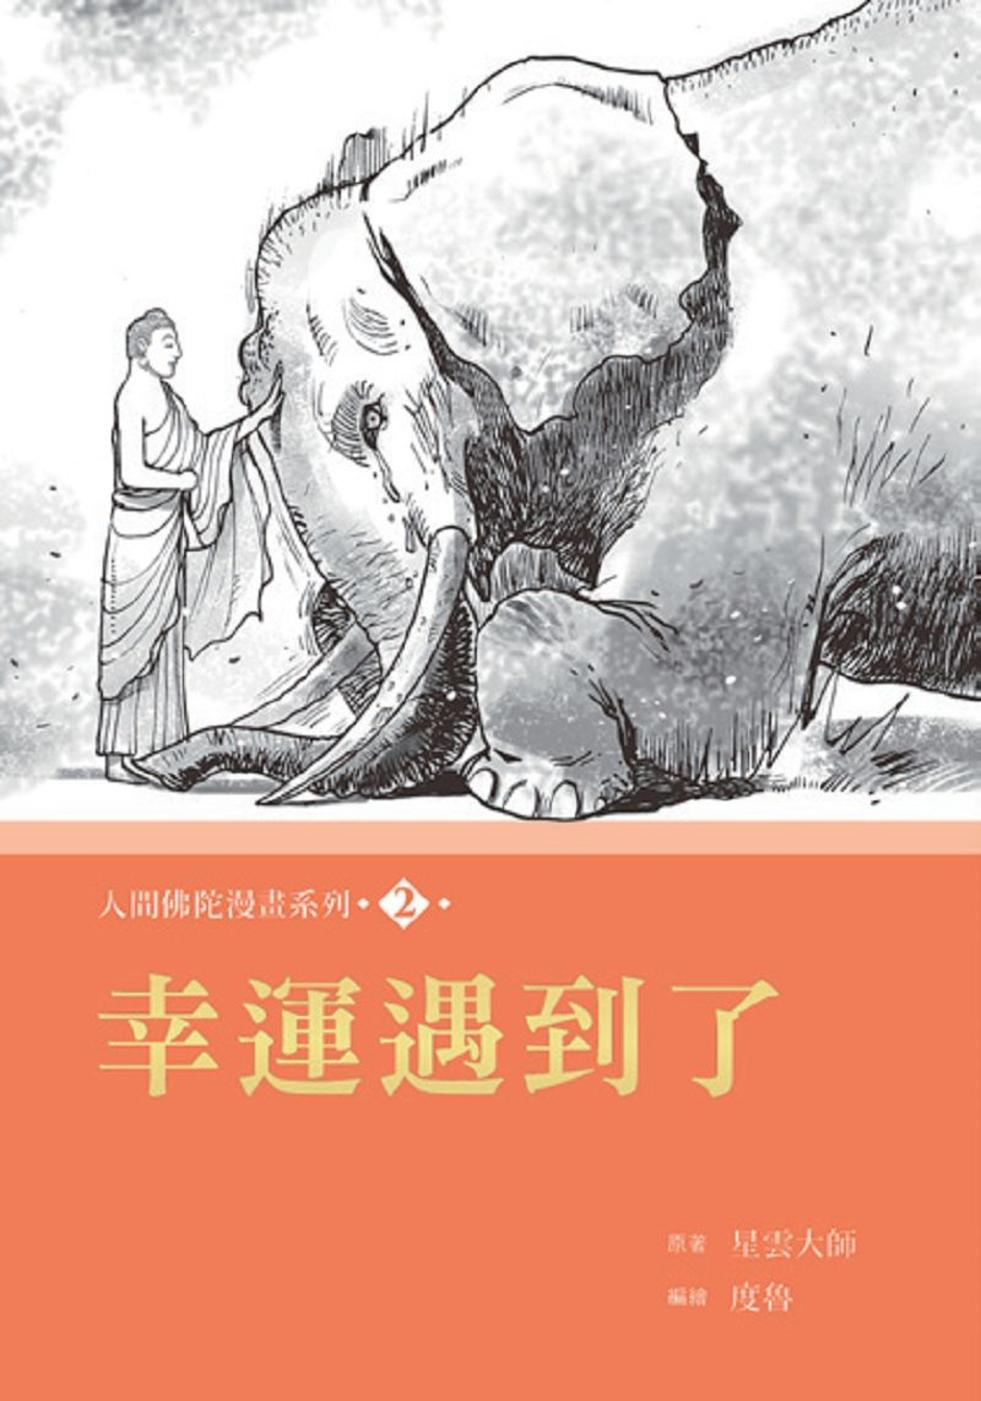 人間佛陀漫畫系列(2):幸運遇到了